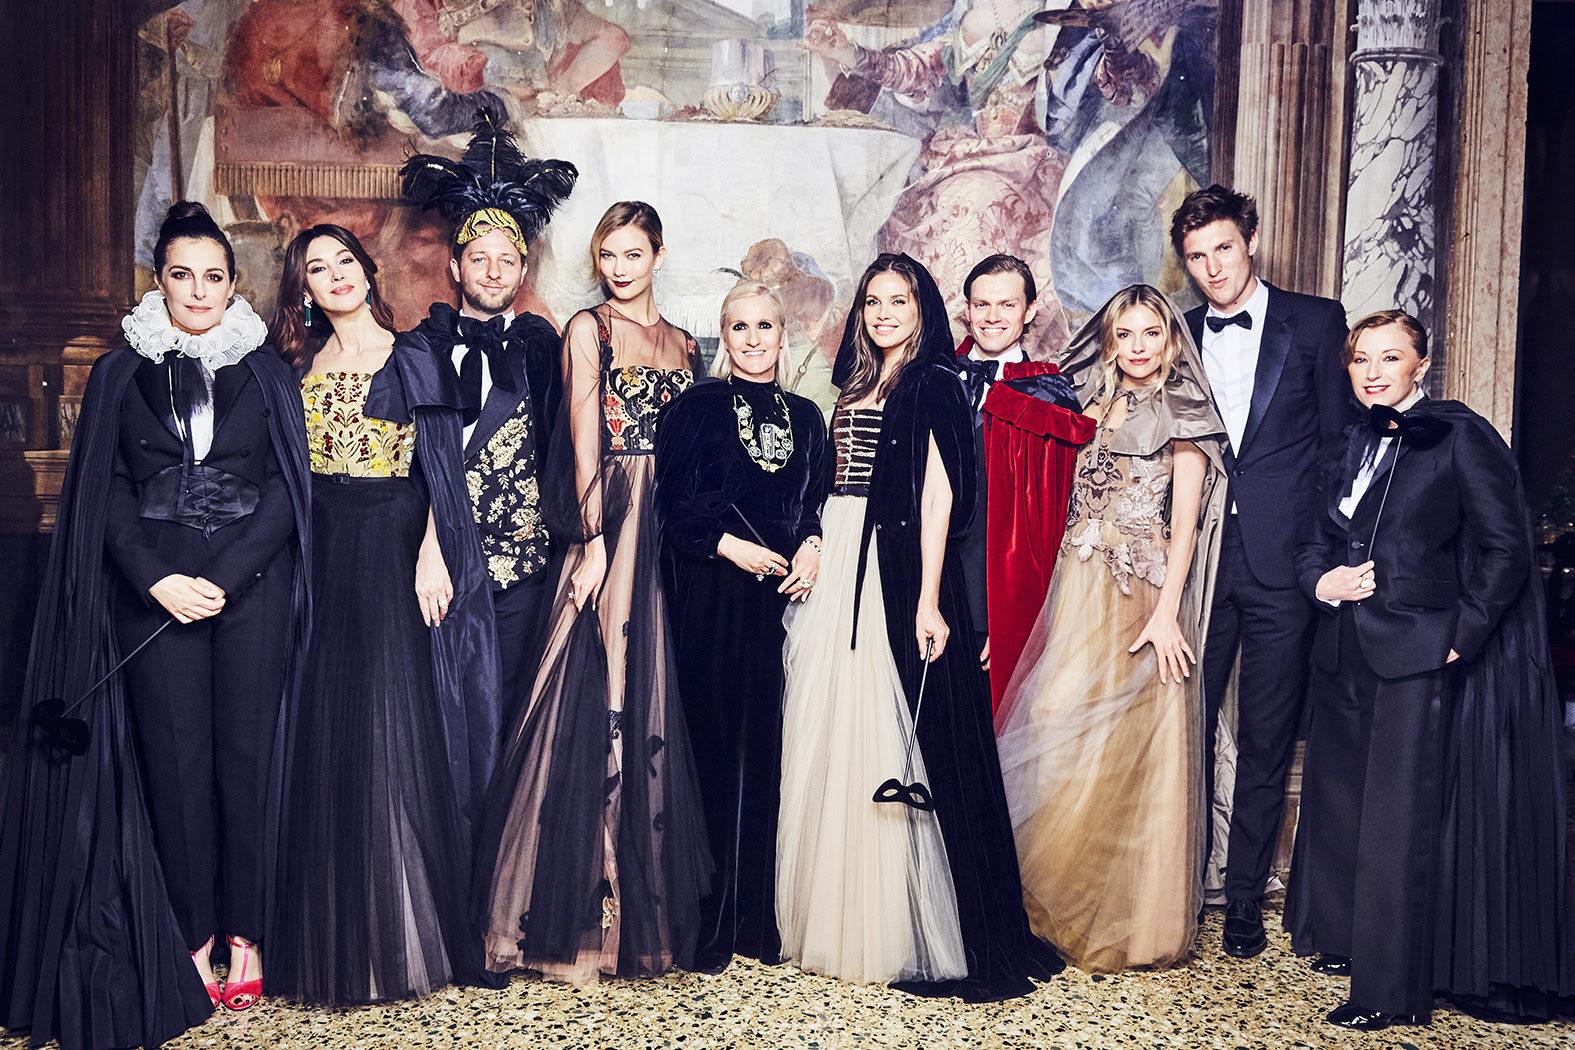 Maria Grazia Chiuri, centre, with guests including Sienna Miller, Karlie Kloss,Monica Bellucci and Dasha Zhukova - Photo: Ellen Von Unwerth